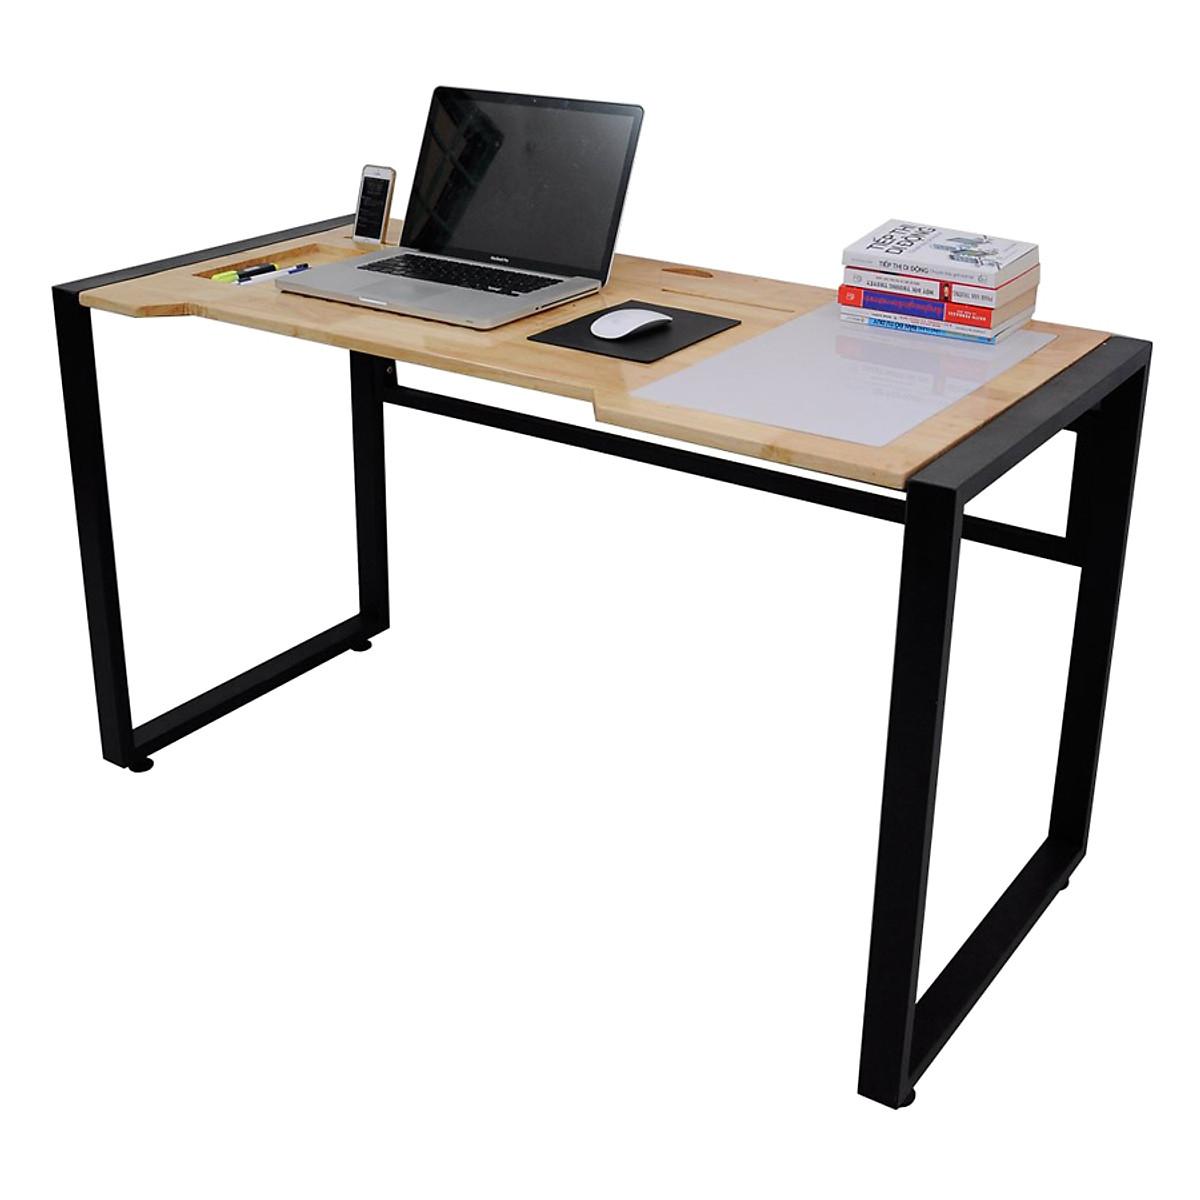 Bàn Ghi Chú Homeoffice Notedesk Chân Sắt Viền ND68008 (130 x 60 cm) - 3